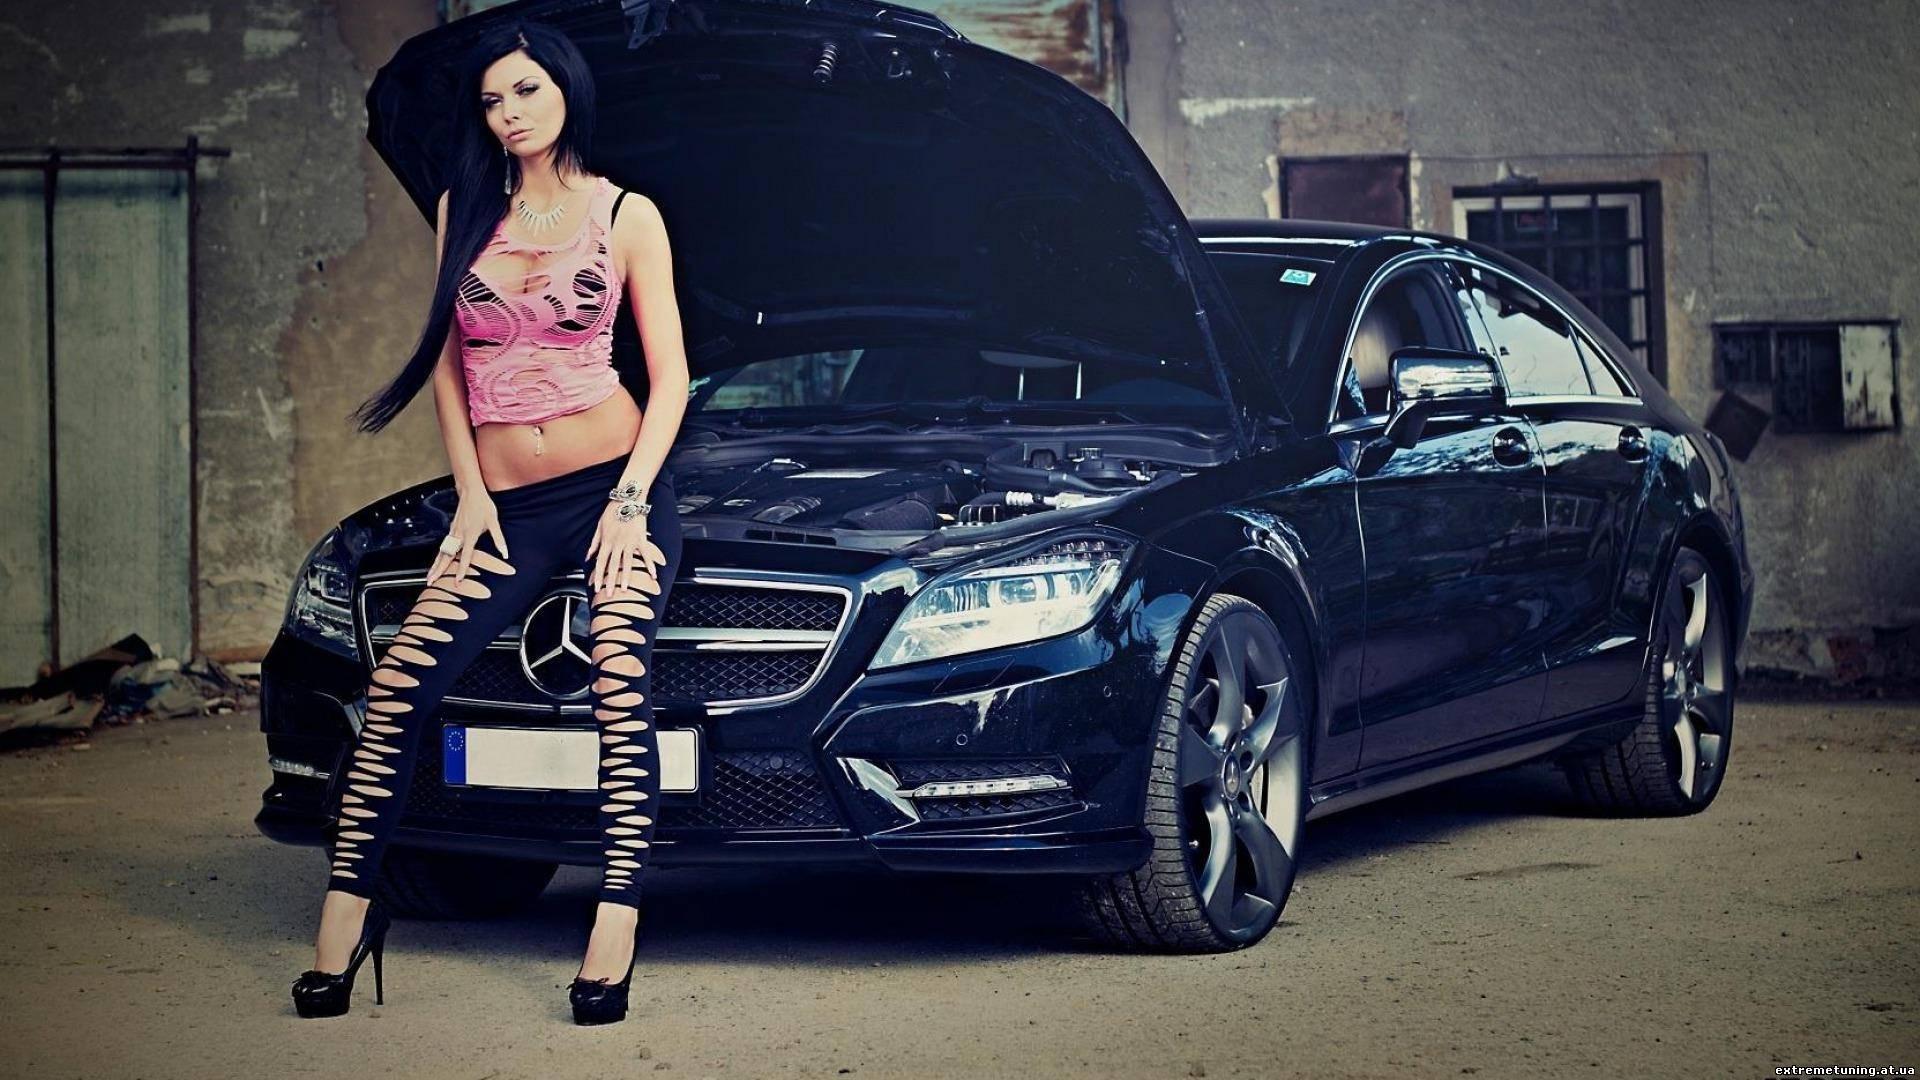 Смотреть порно с симпатичной брюнеткой в автомобиле мерседес бенс 19 фотография